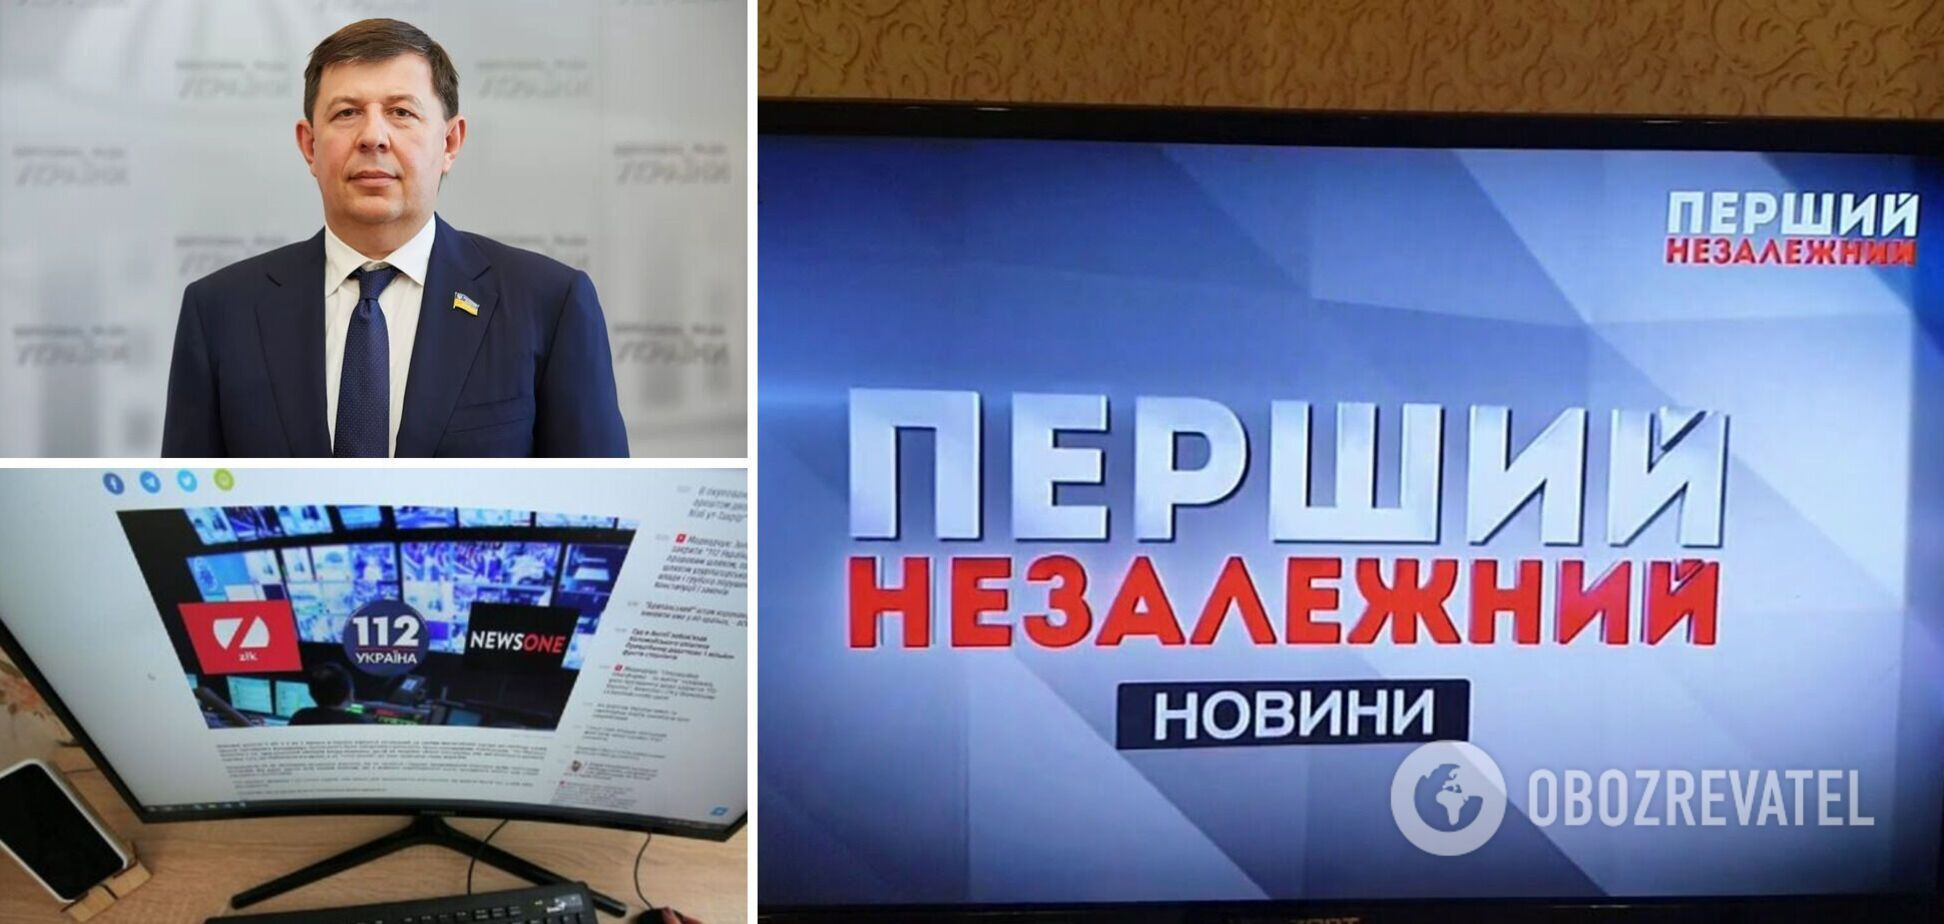 Медиахолдинг Козака купил львовский канал: журналисты потребовали увольнения директора